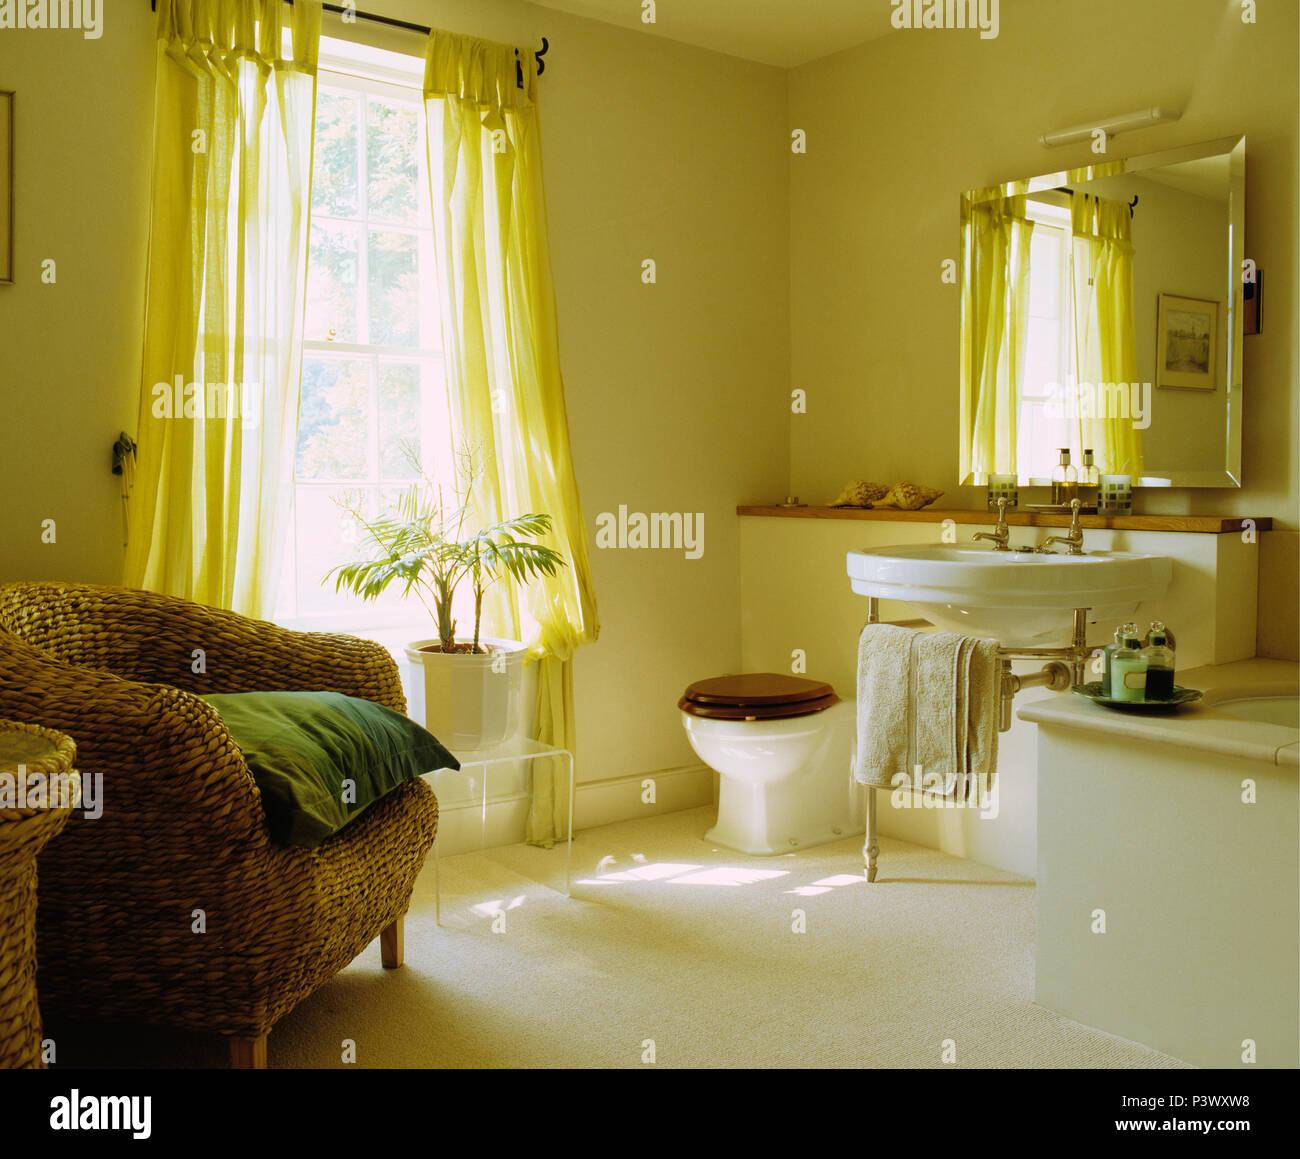 Gran cuarto de baño tradicional con silla de mimbre y cortinas Foto ...